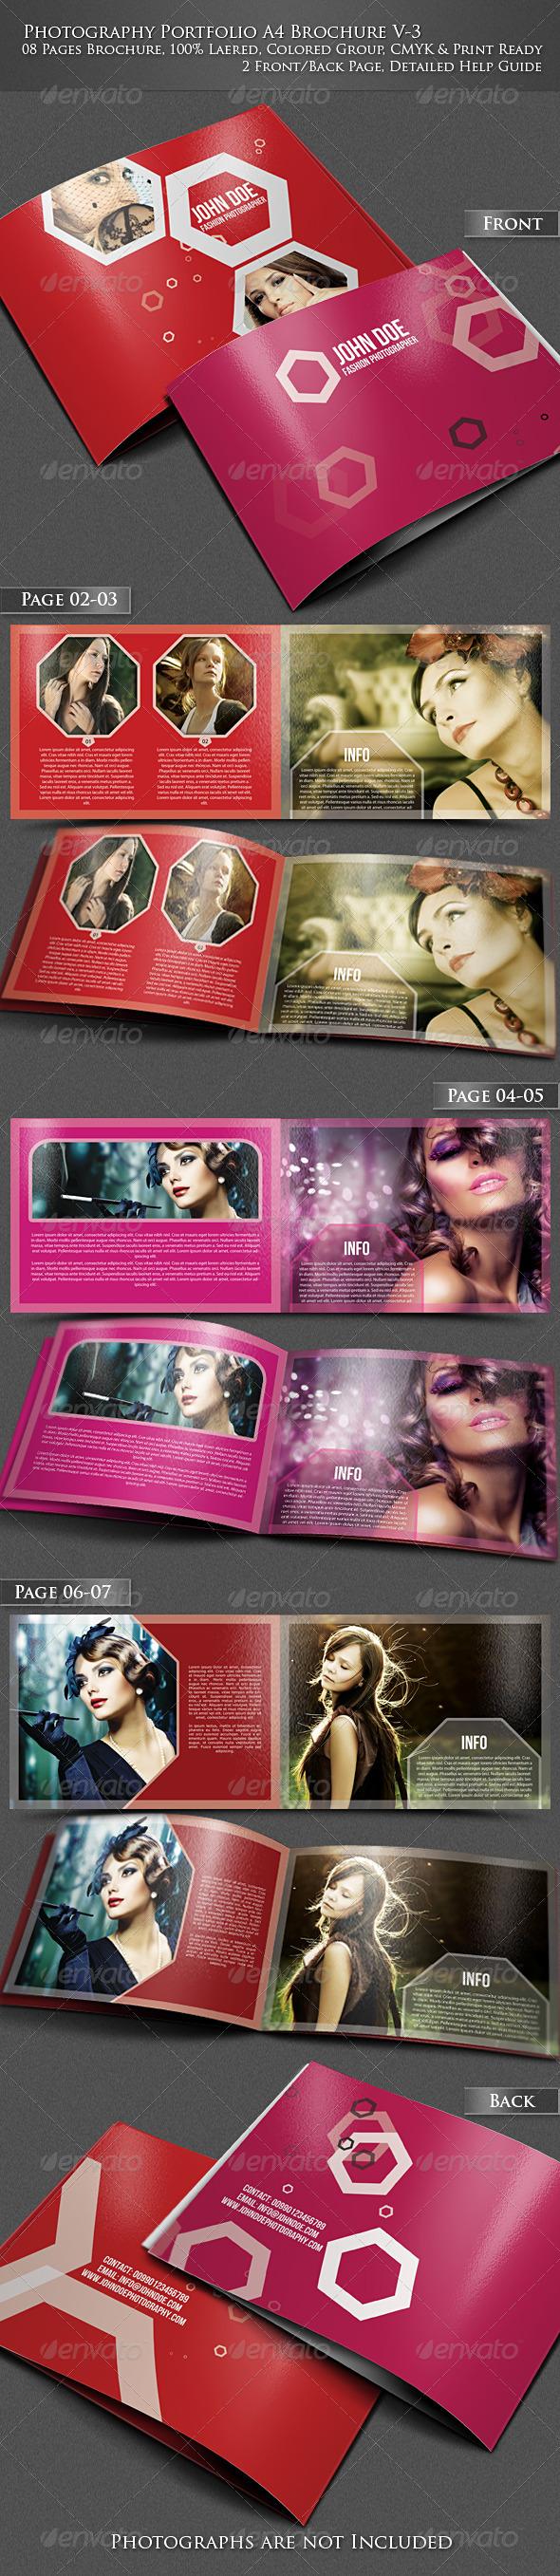 GraphicRiver Photography Portfolio A4 Brochure V3 4097202